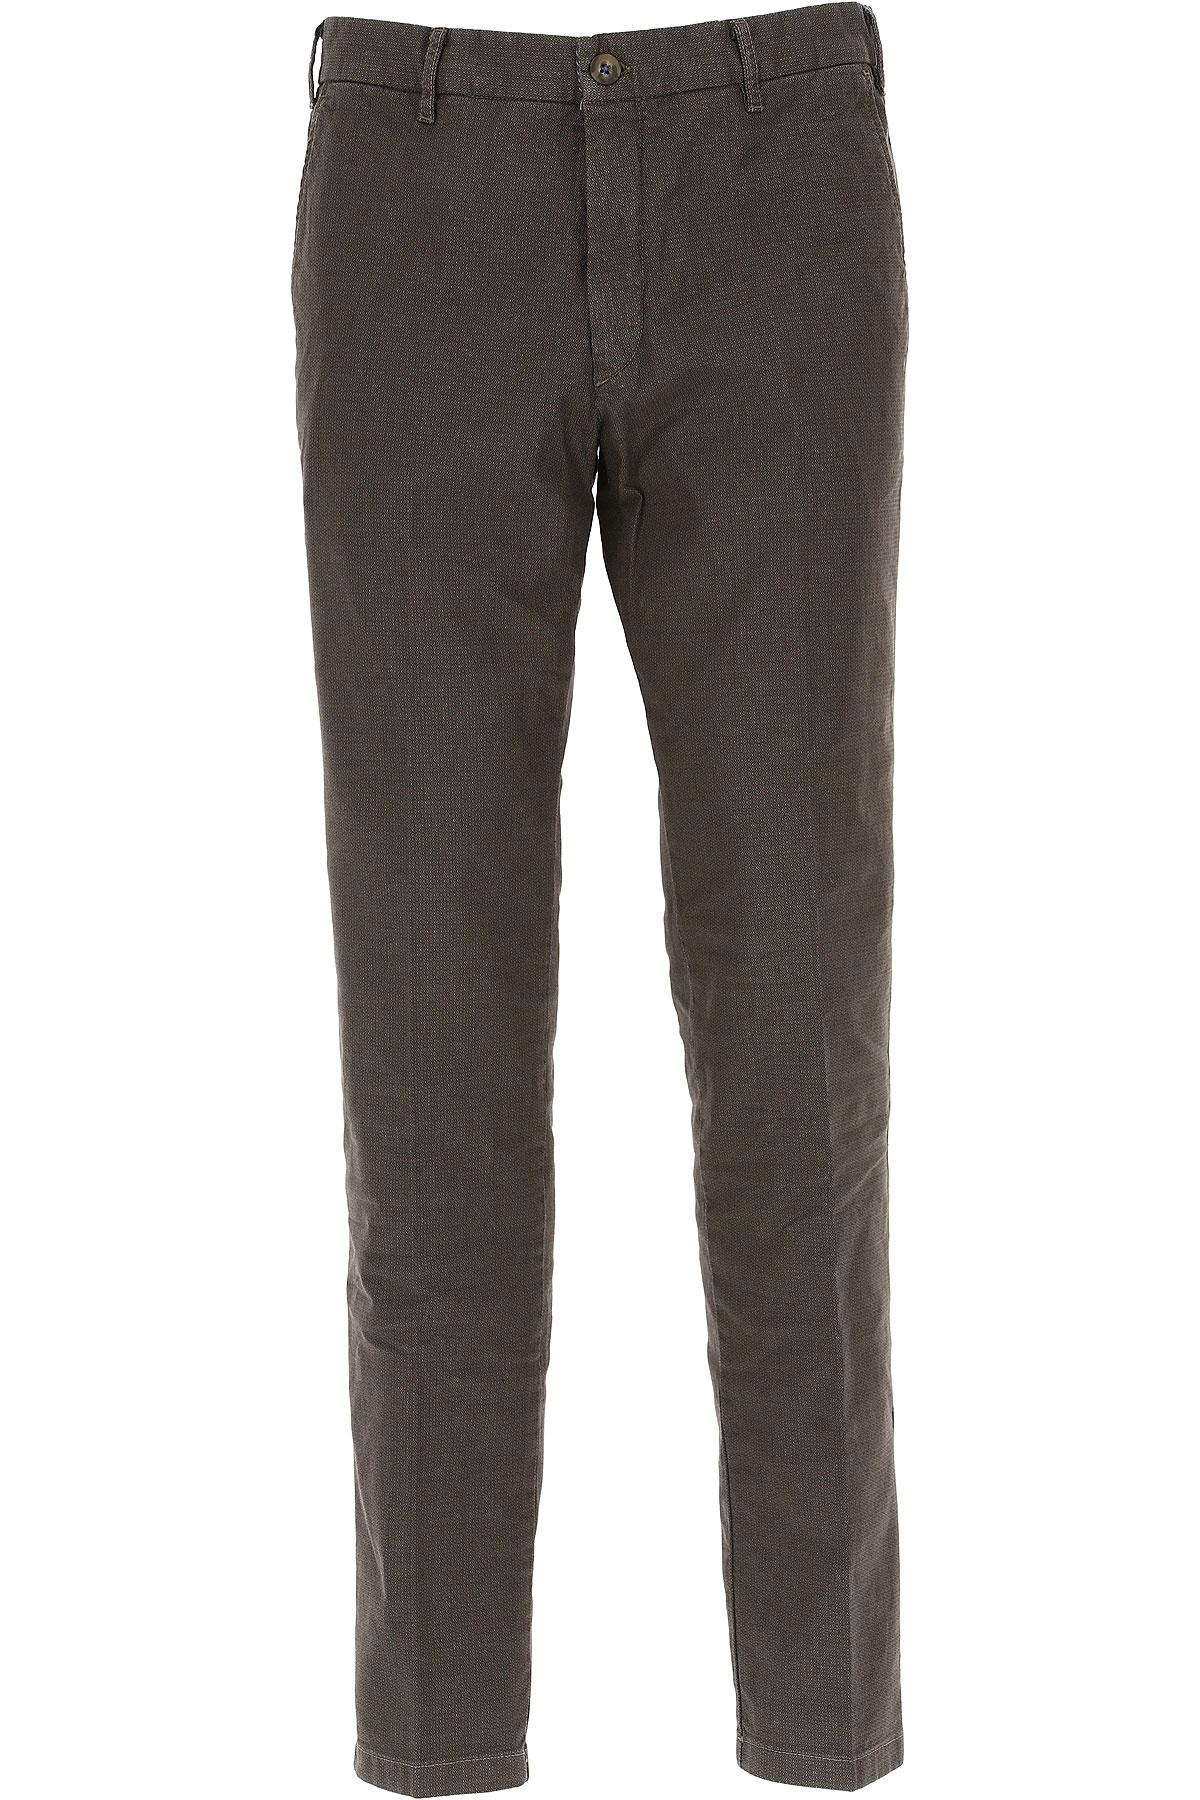 J.W. Brine Pantalon Homme, Mélange marron, Coton, 2017, 46 48 50 52 54 56